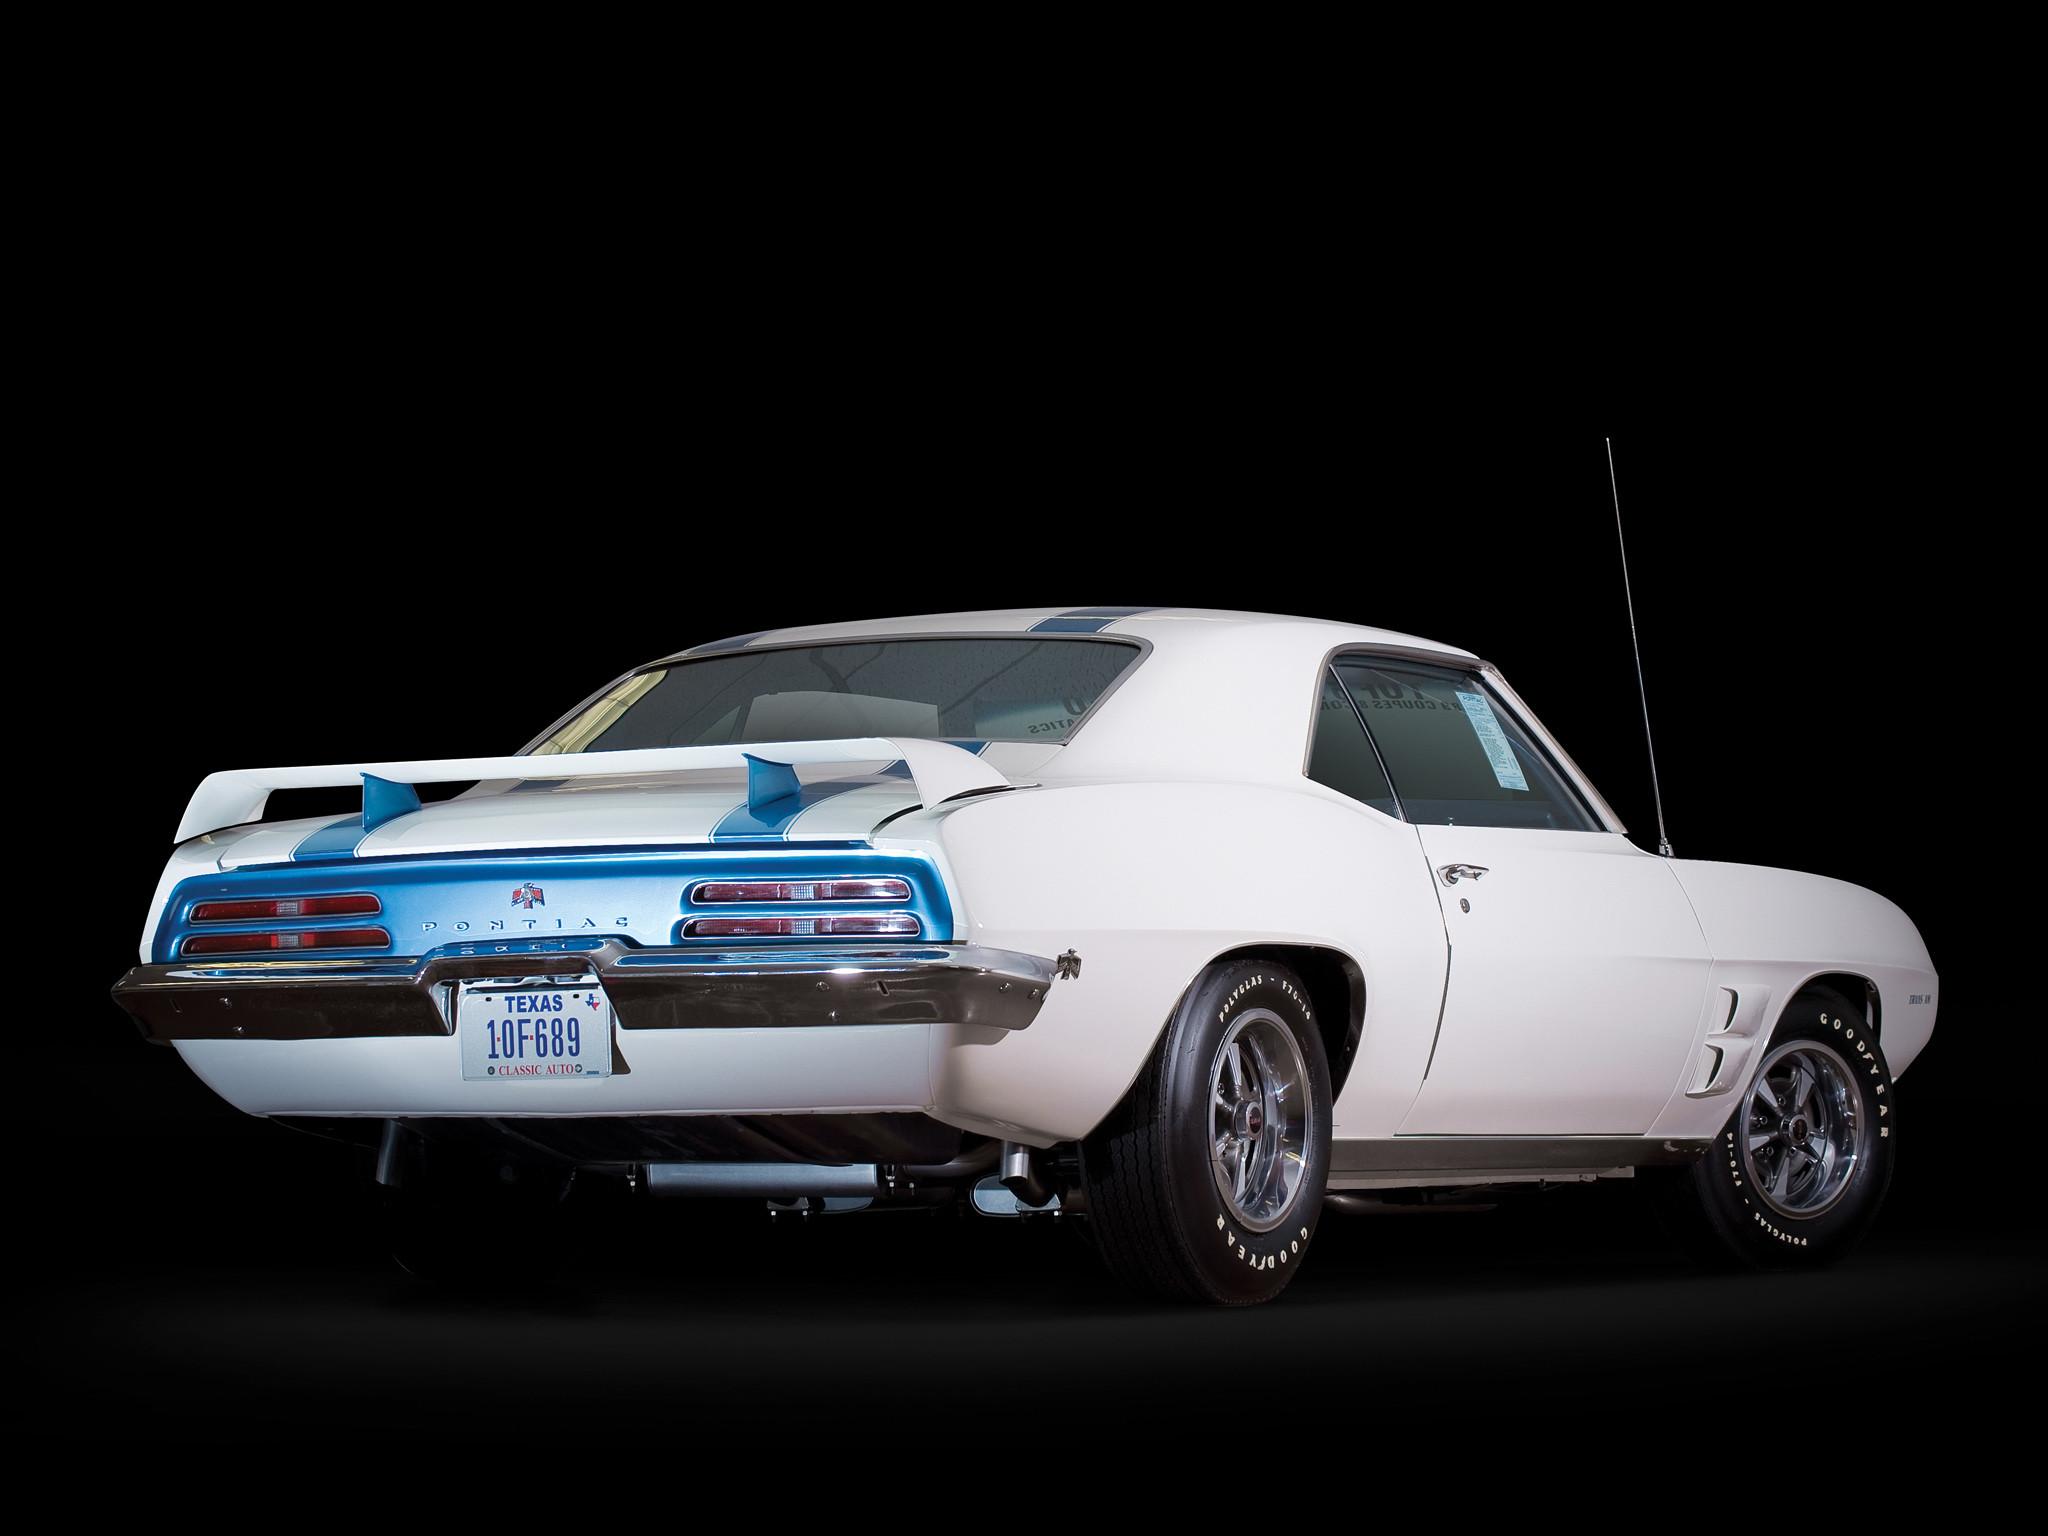 1969 Pontiac Firebird Trans-Am Coupe muscle classic g wallpaper …